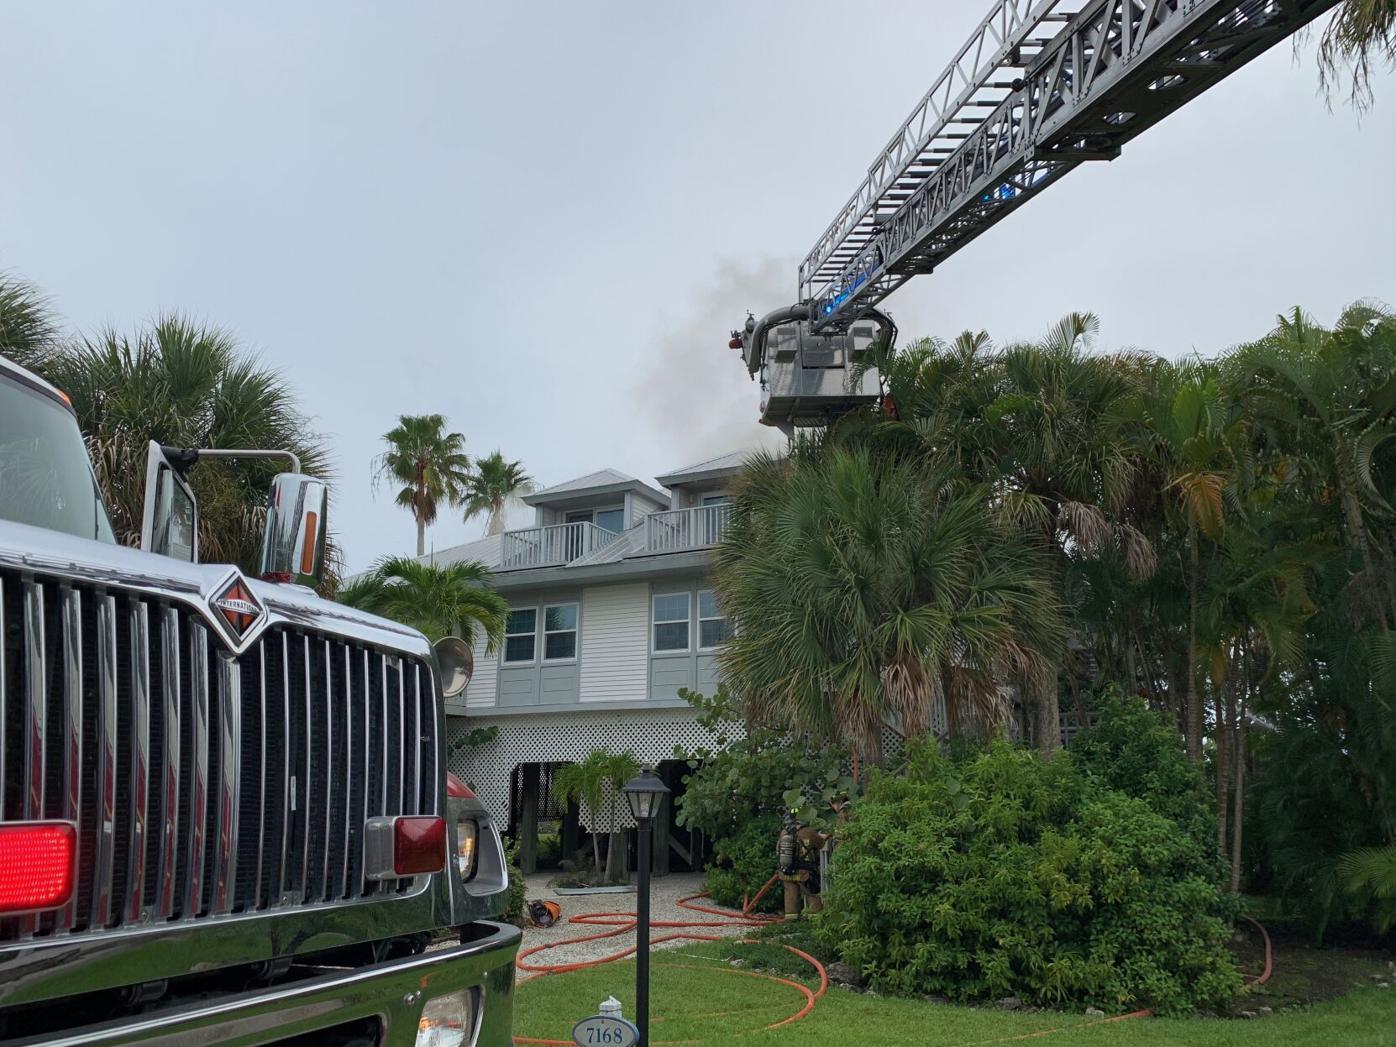 Palm Island fire